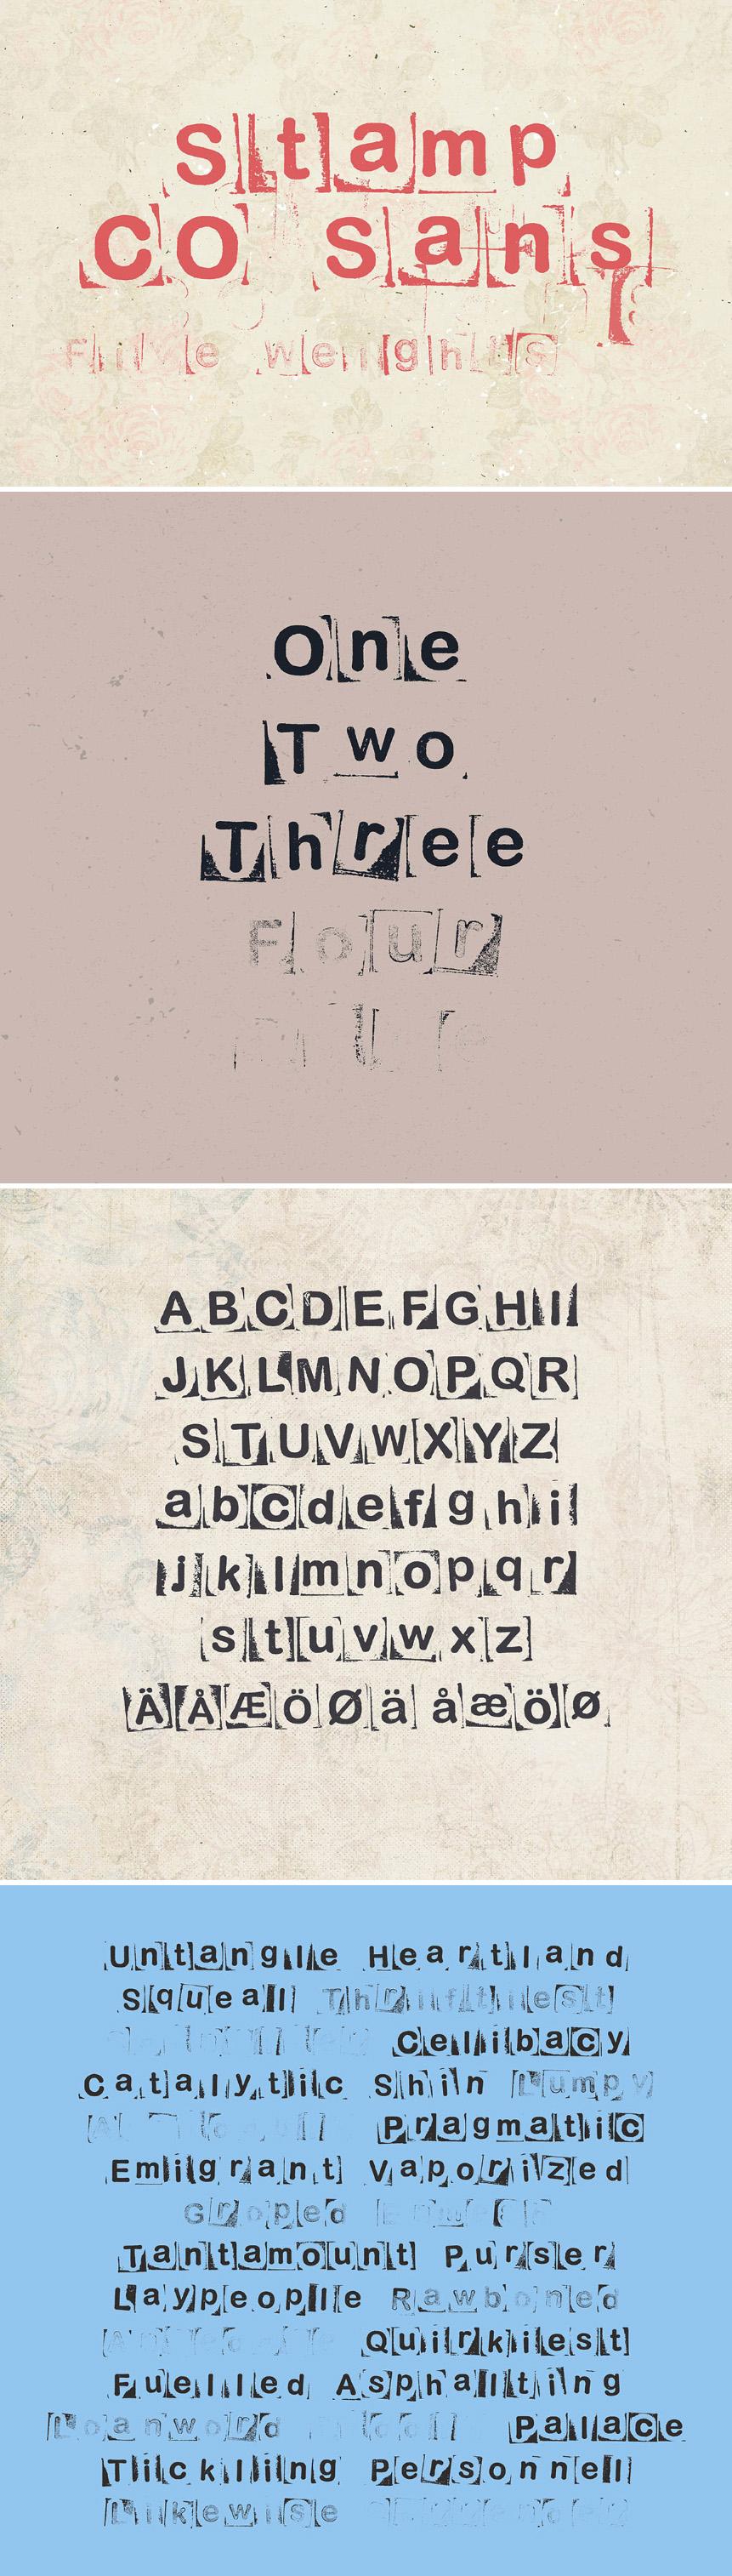 Stamp CO Sans - Free Font